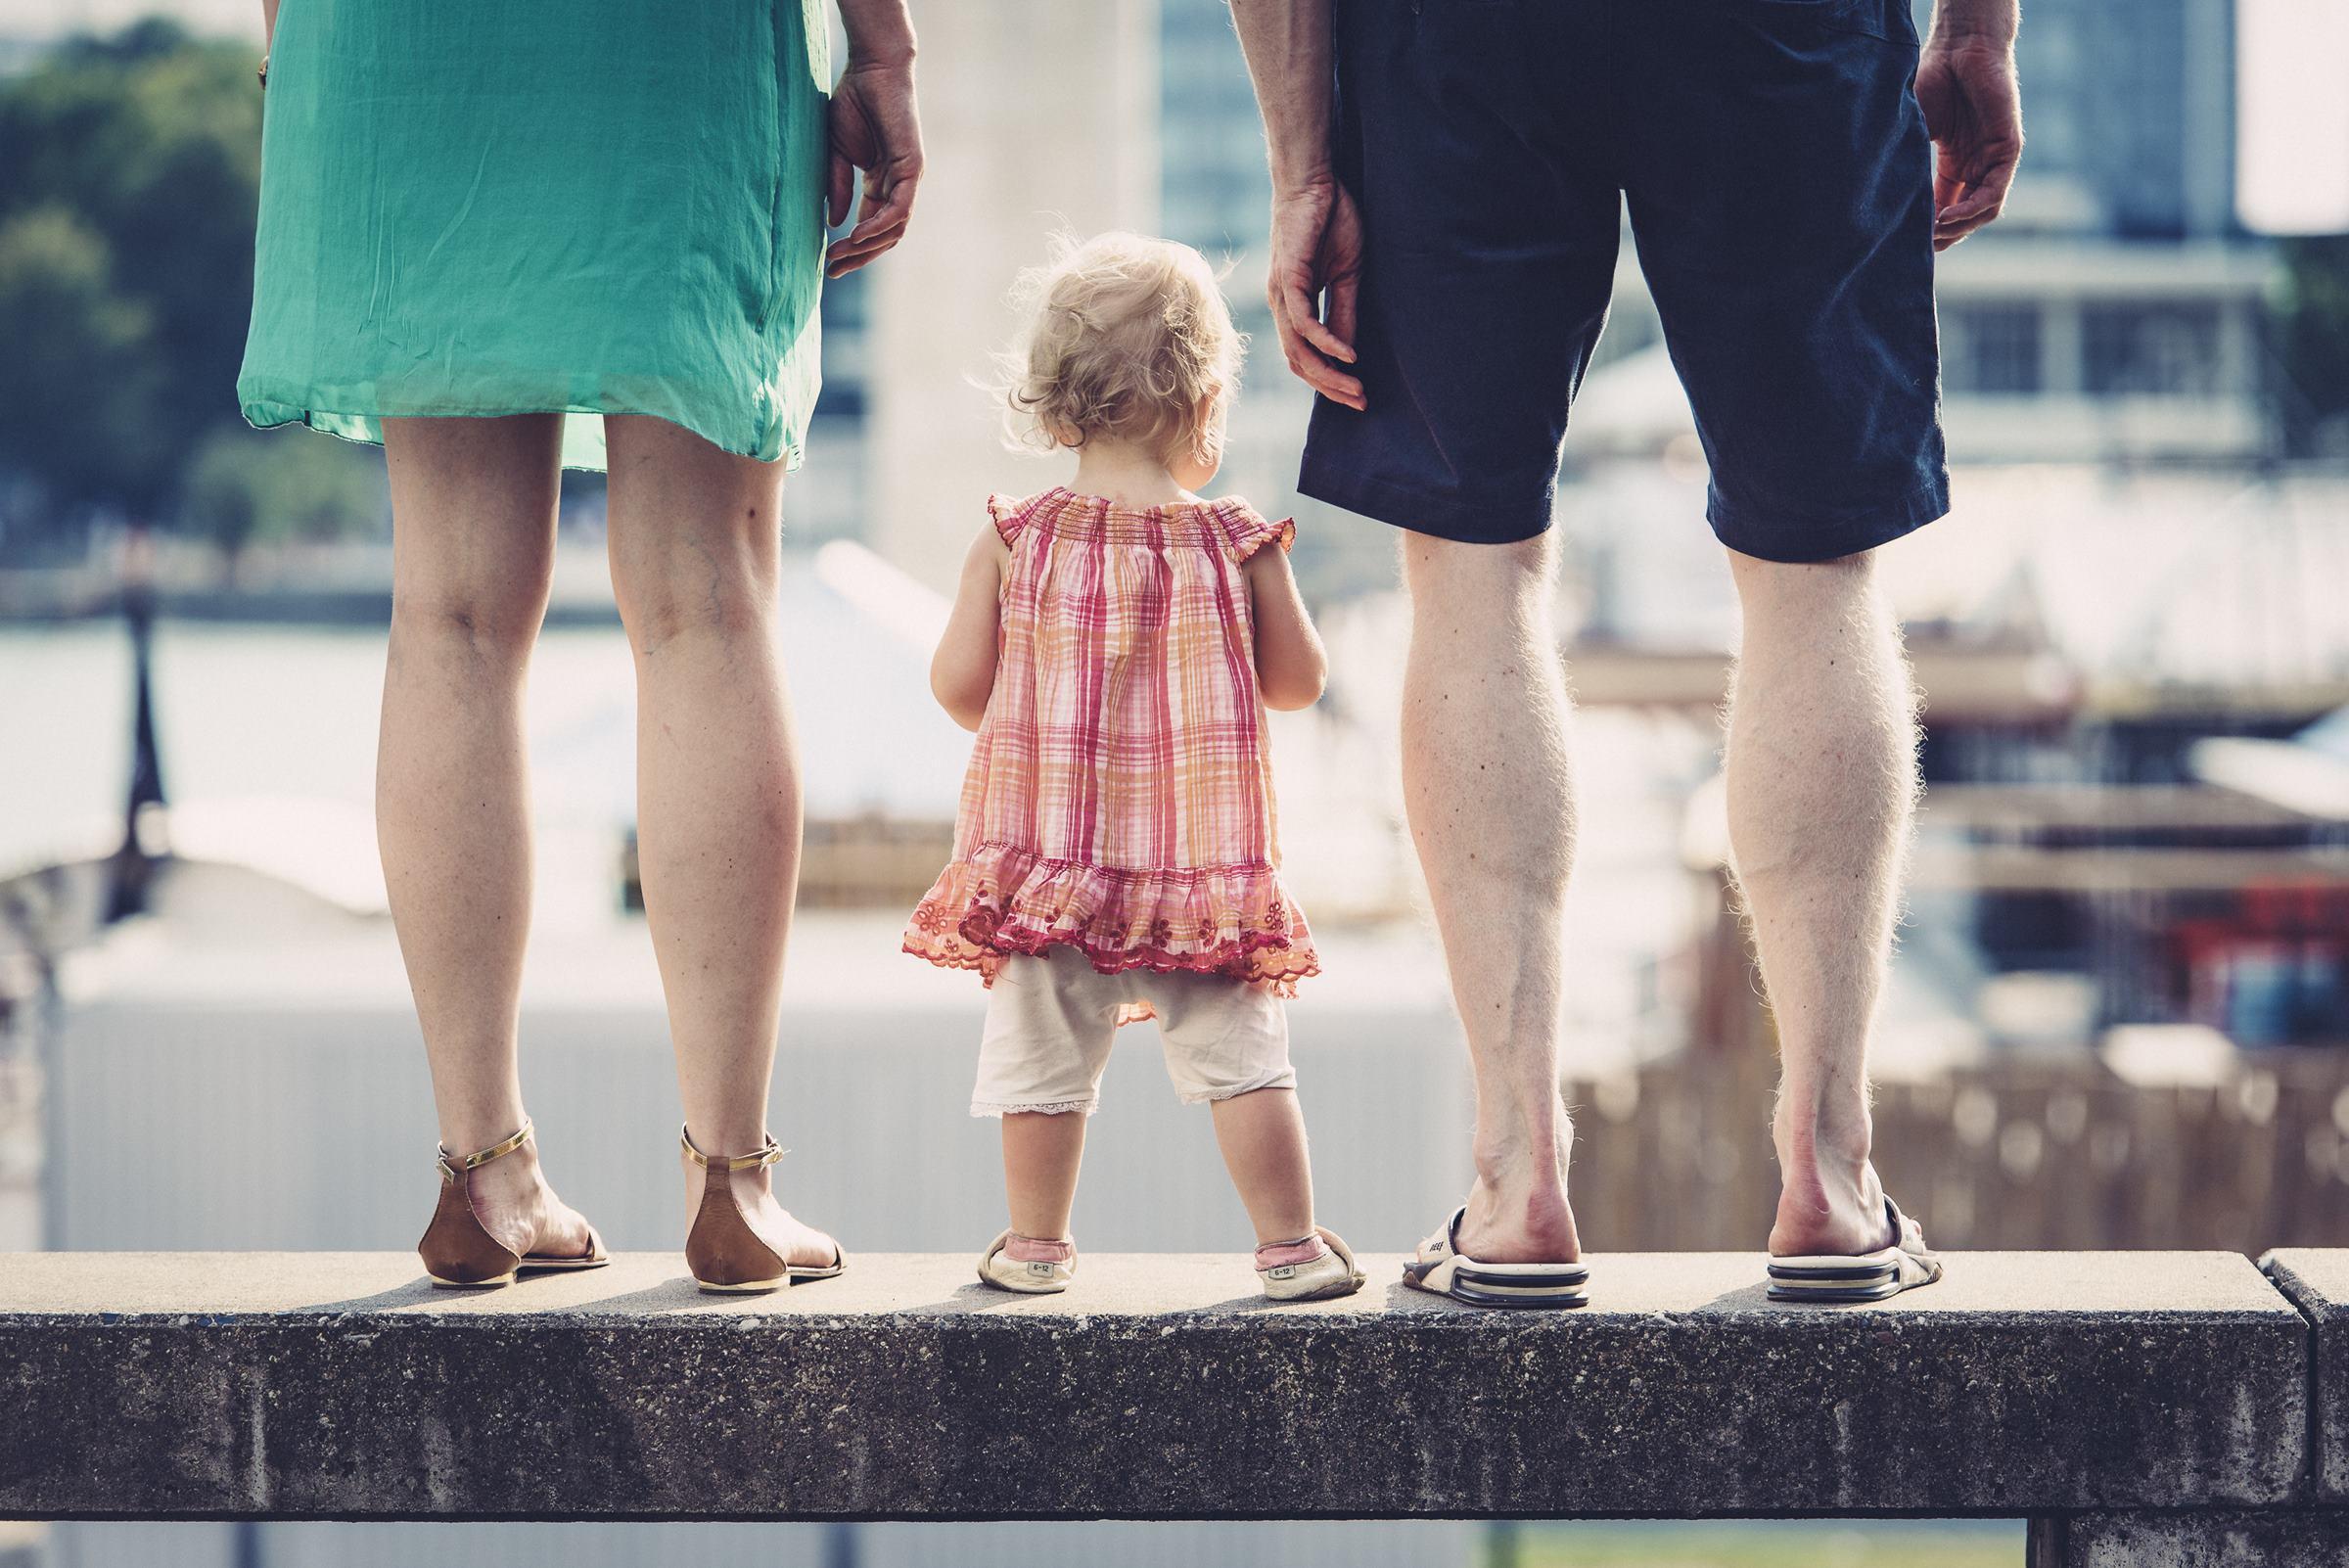 familienfotos- alptraum oder geht das auch in schön?